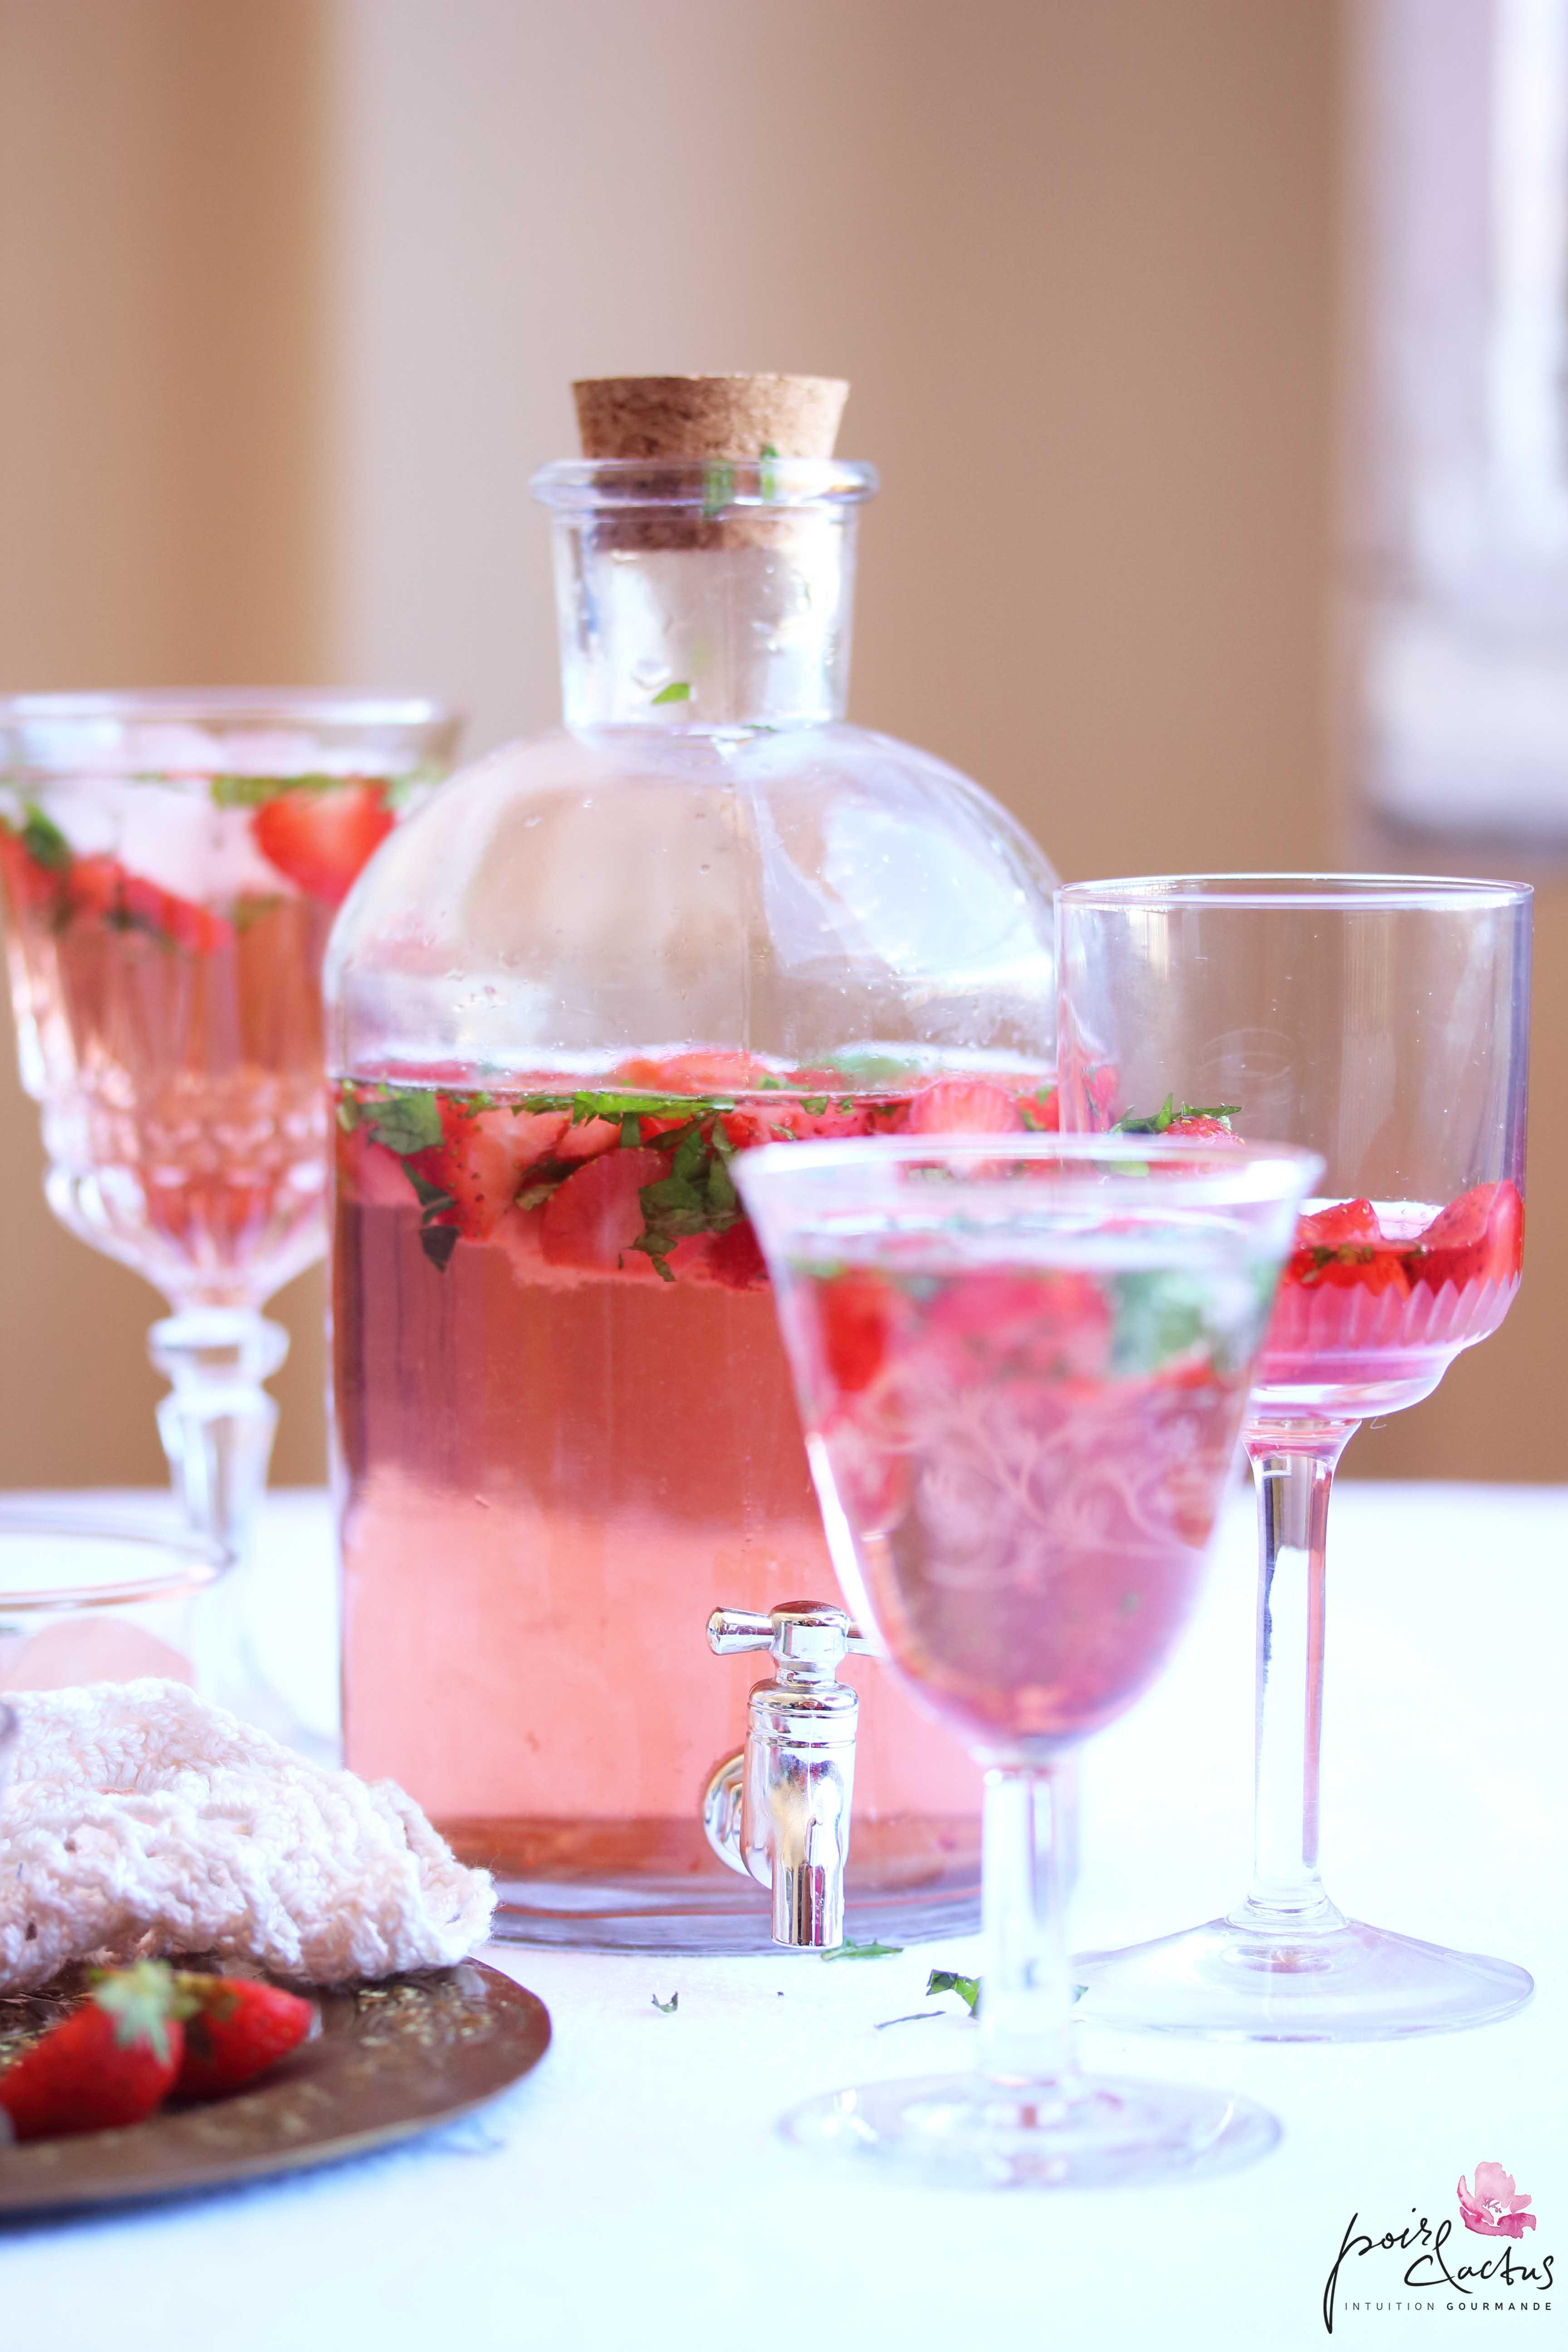 recette_the_glacé_fraise_menthe_poiretcactus